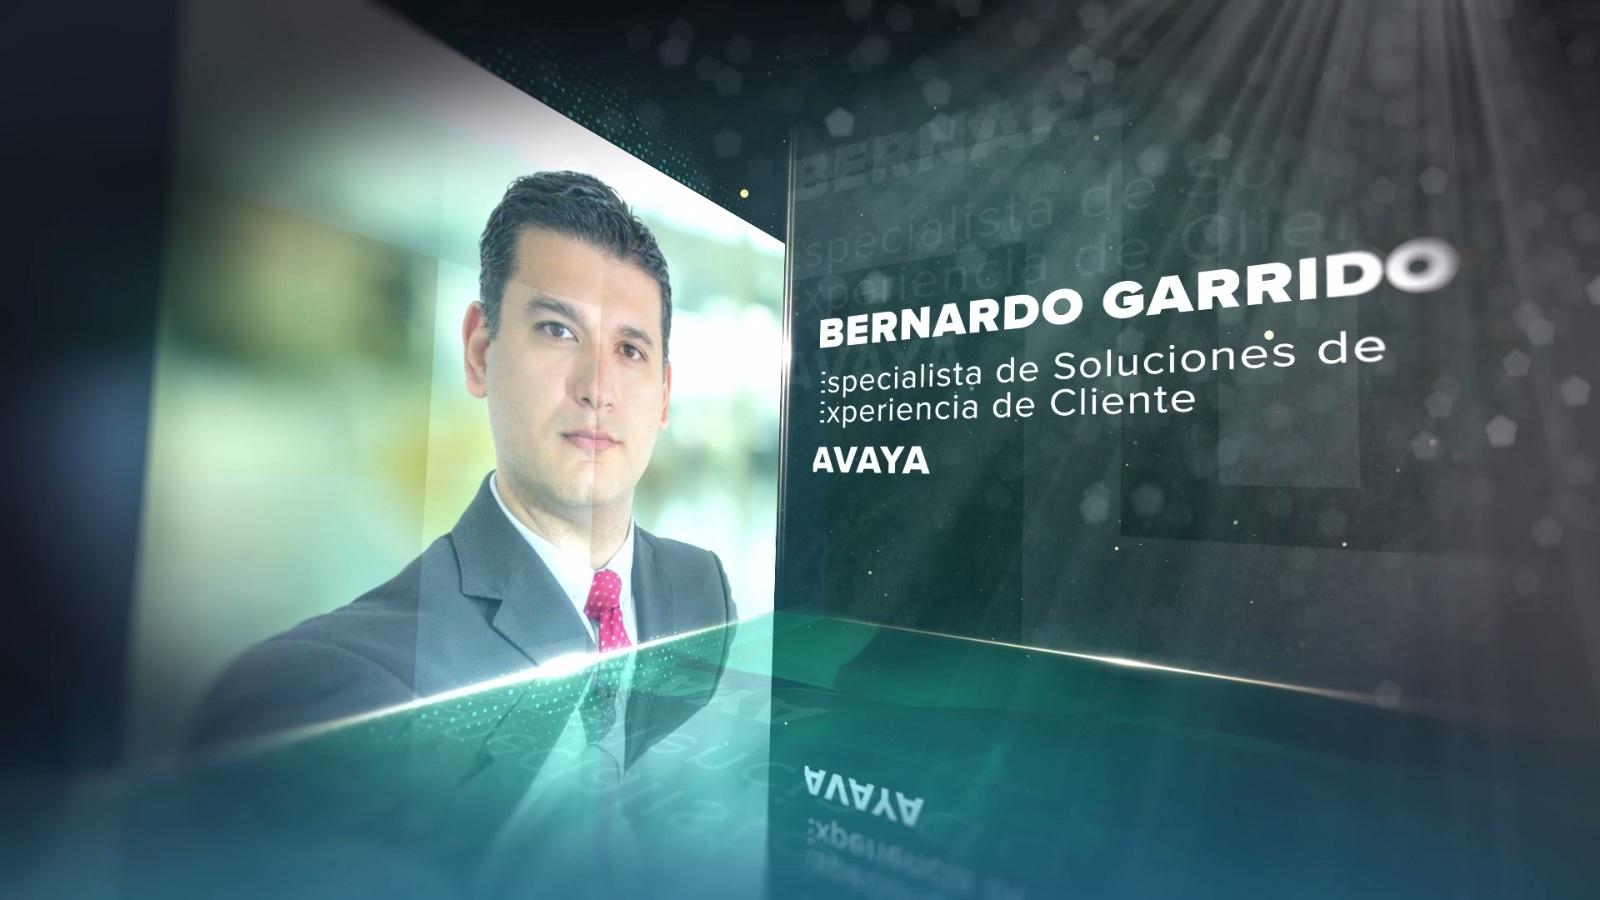 EVENTO 4.1 - Momentos de la verdad en el sector salud - BERNARDO GARRIDO - AVAYA